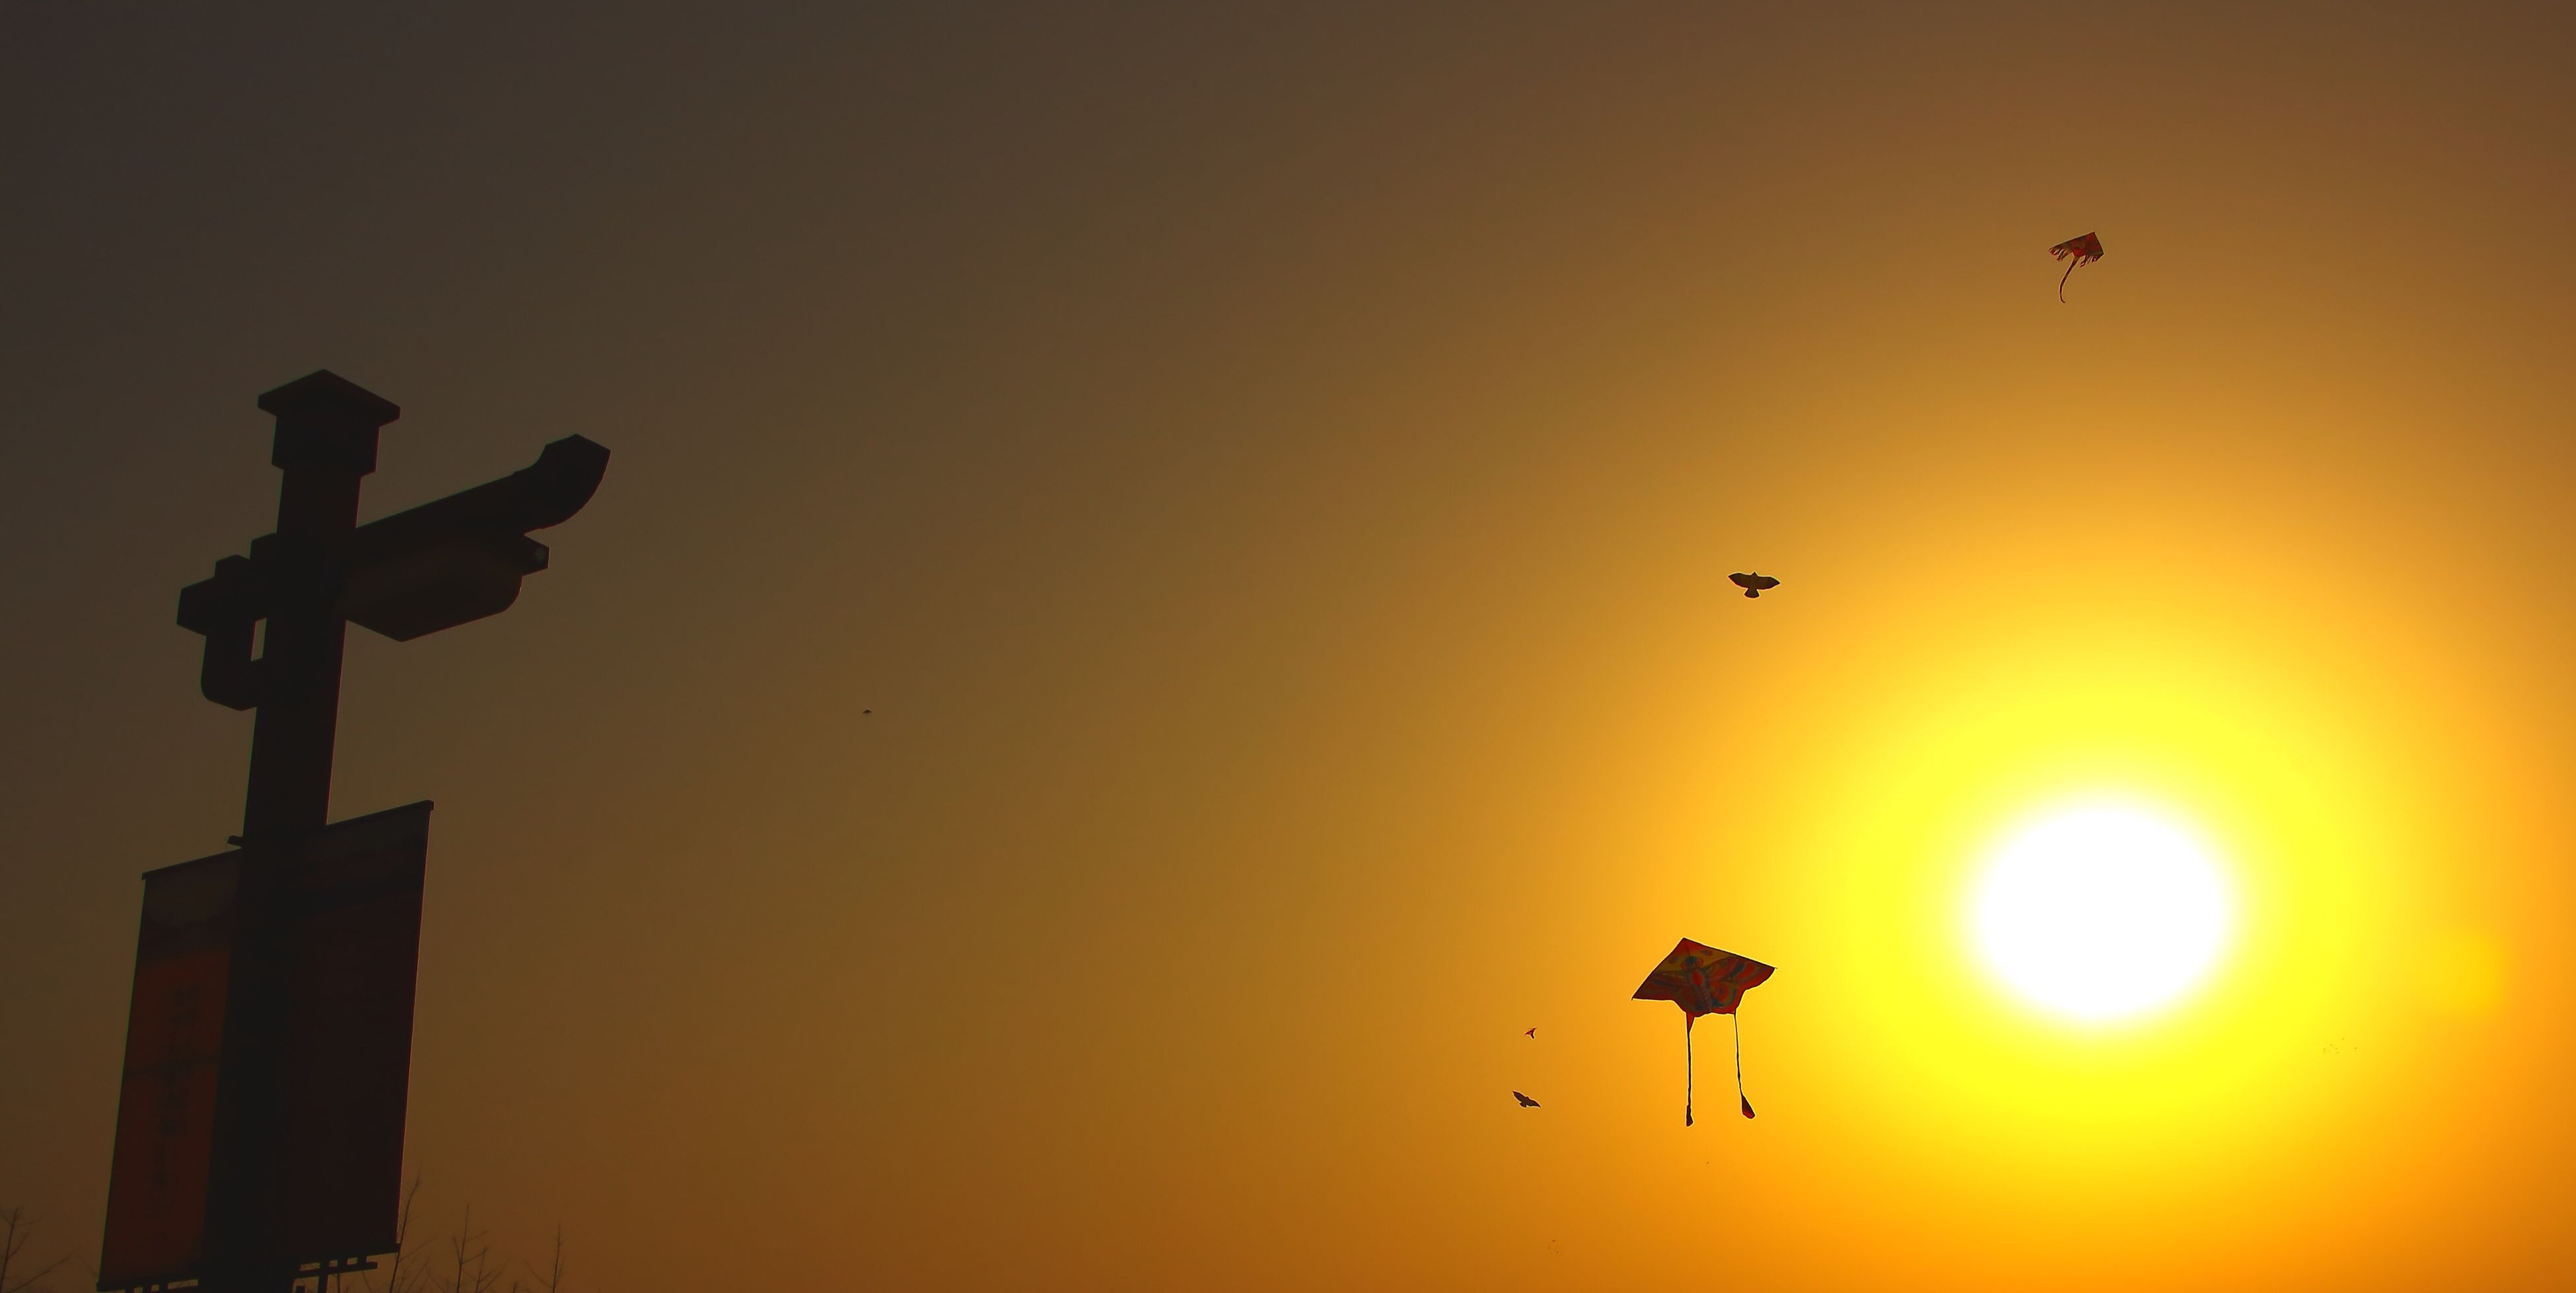 孤独的风筝